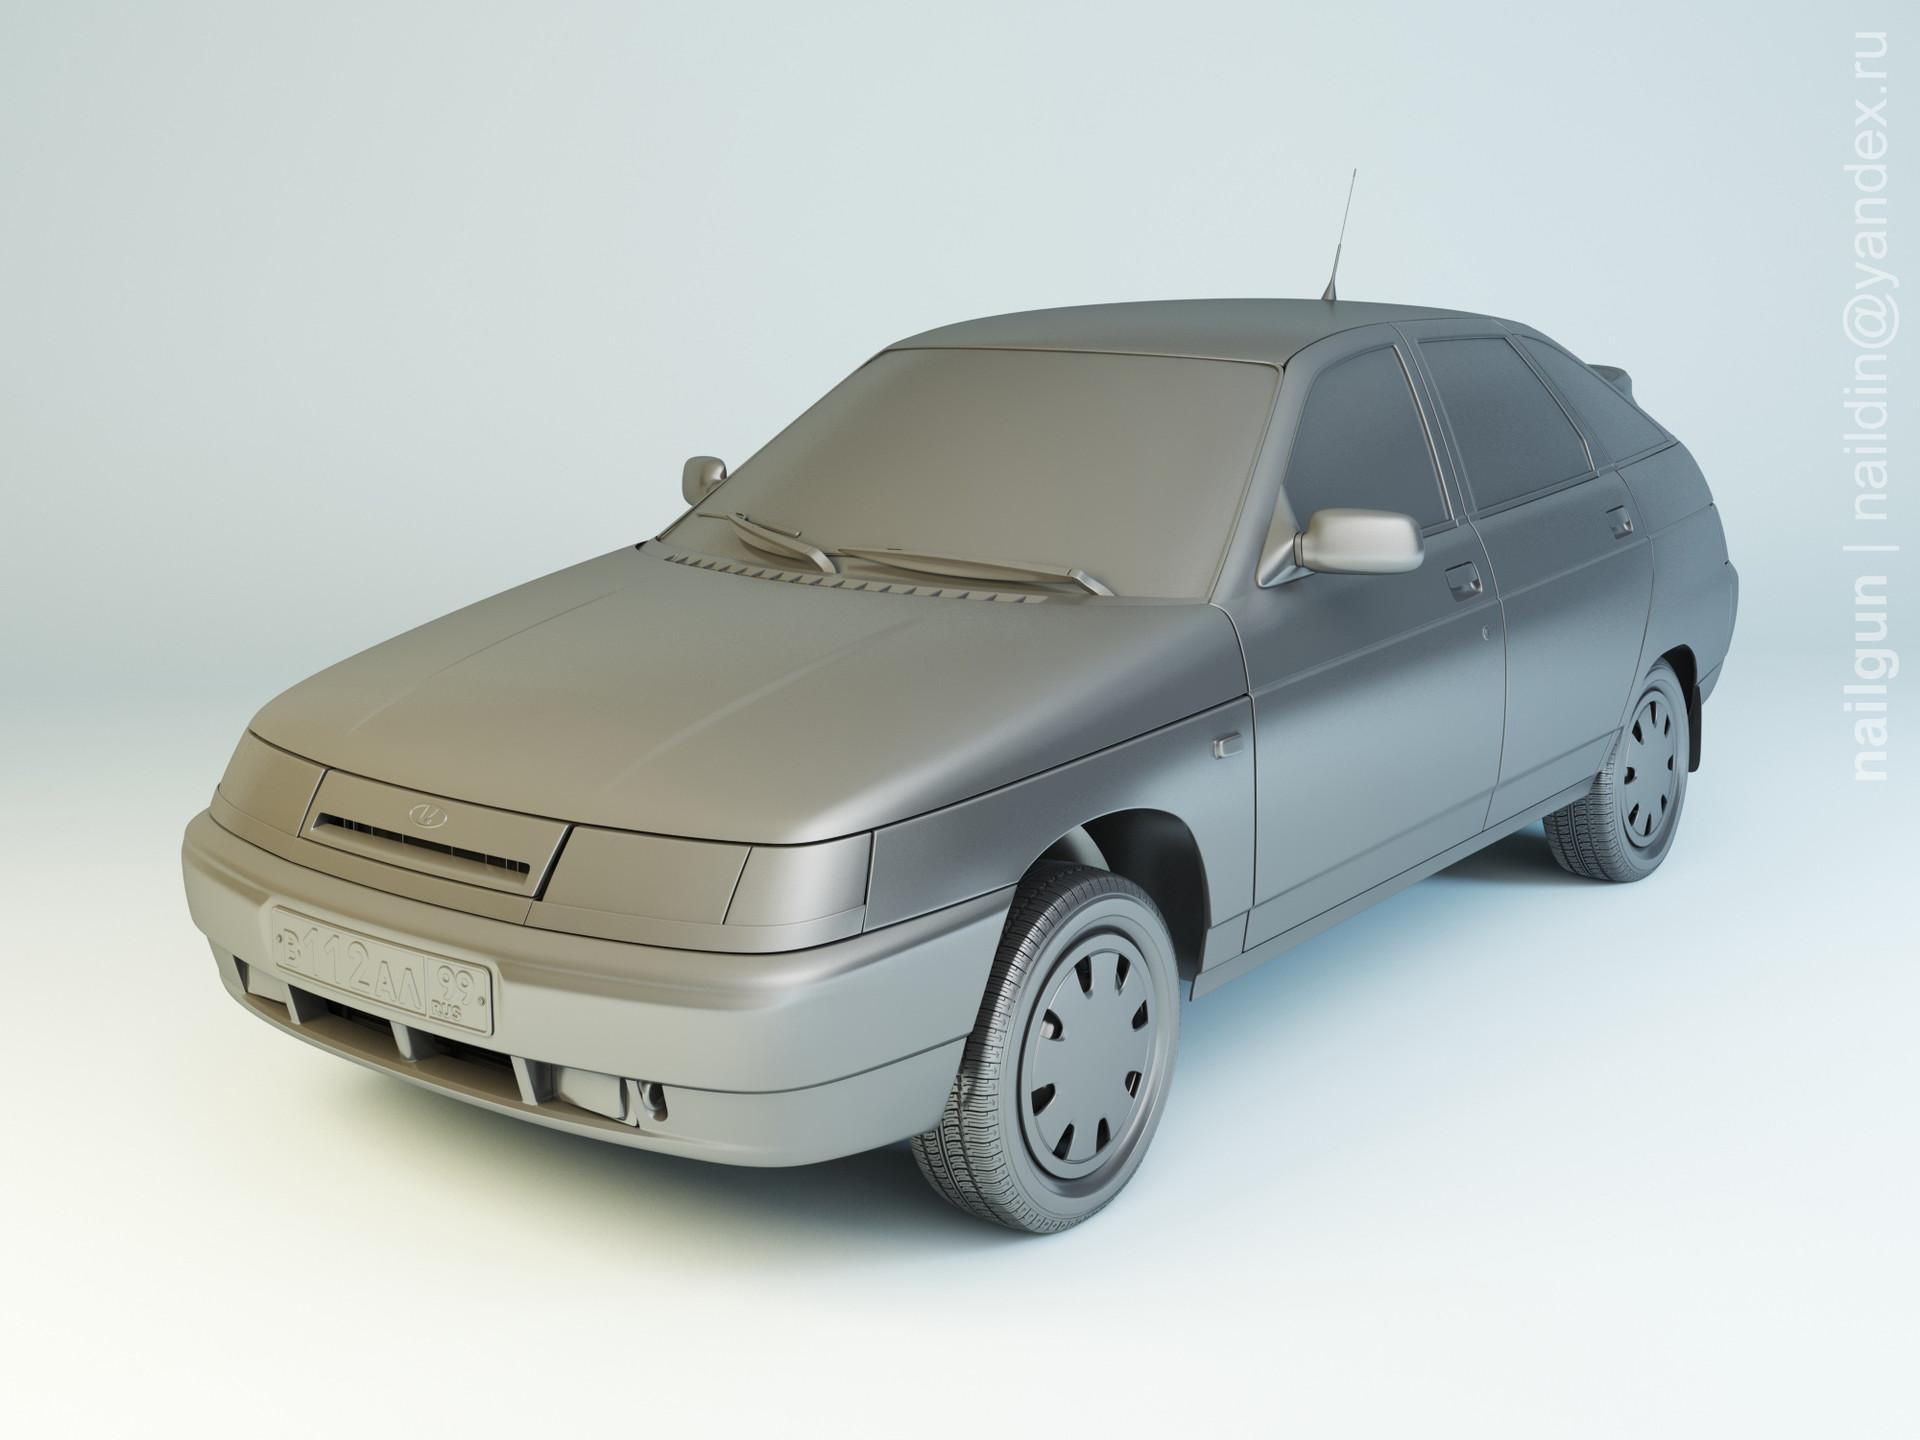 Nail khusnutdinov als 182 005 vaz 2112 modelling 0